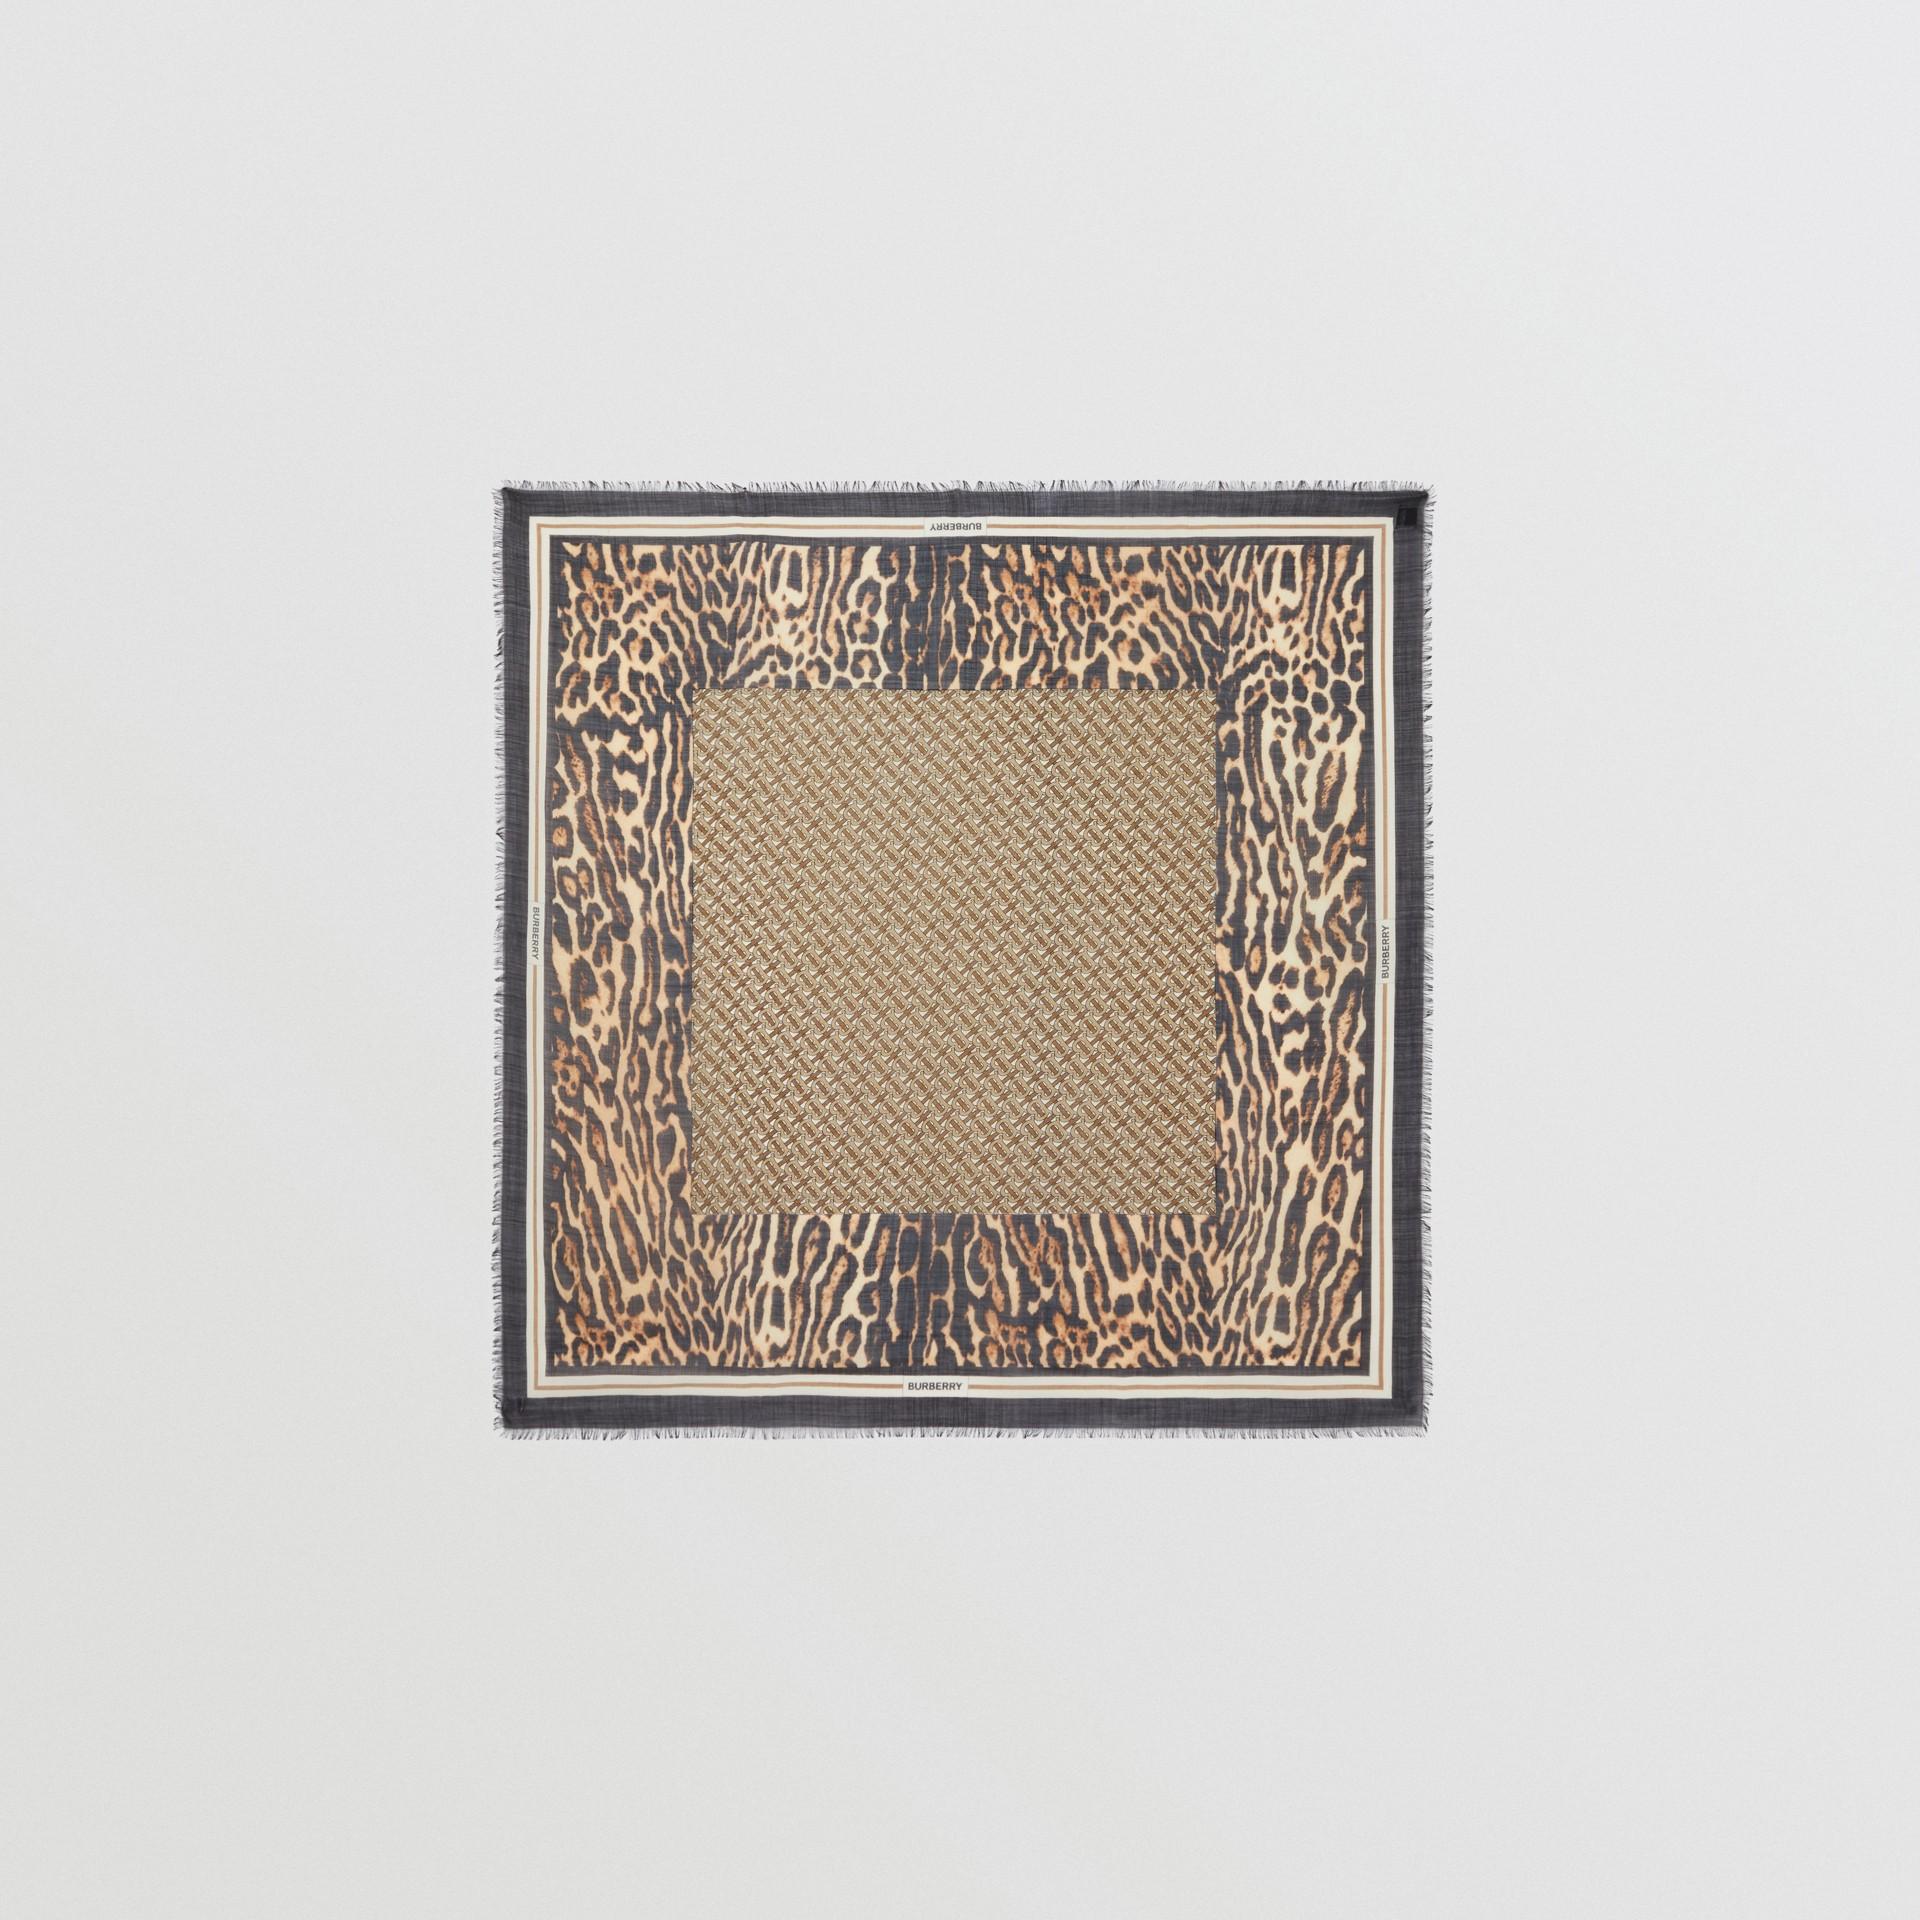 モノグラムプリント ウールシルク ラージ スクエアスカーフ (アーカイブベージュ) | バーバリー - ギャラリーイメージ 0